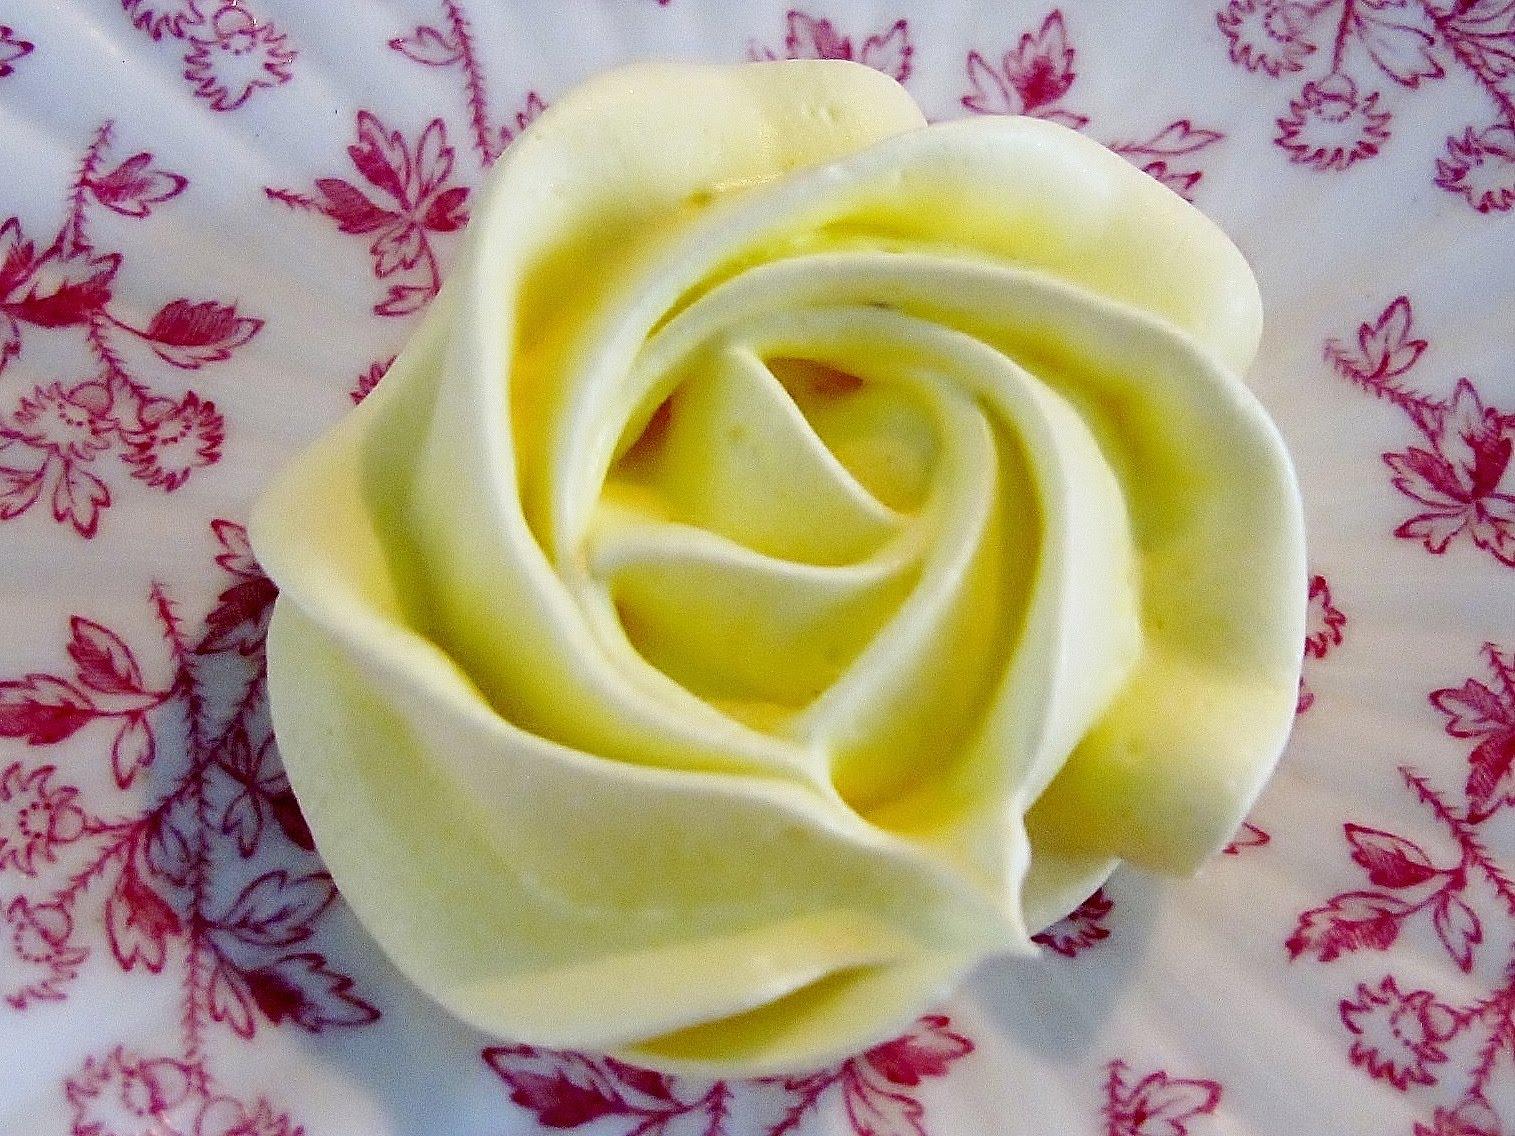 Morning Glory Bakes: Lemon Meringue Cookies